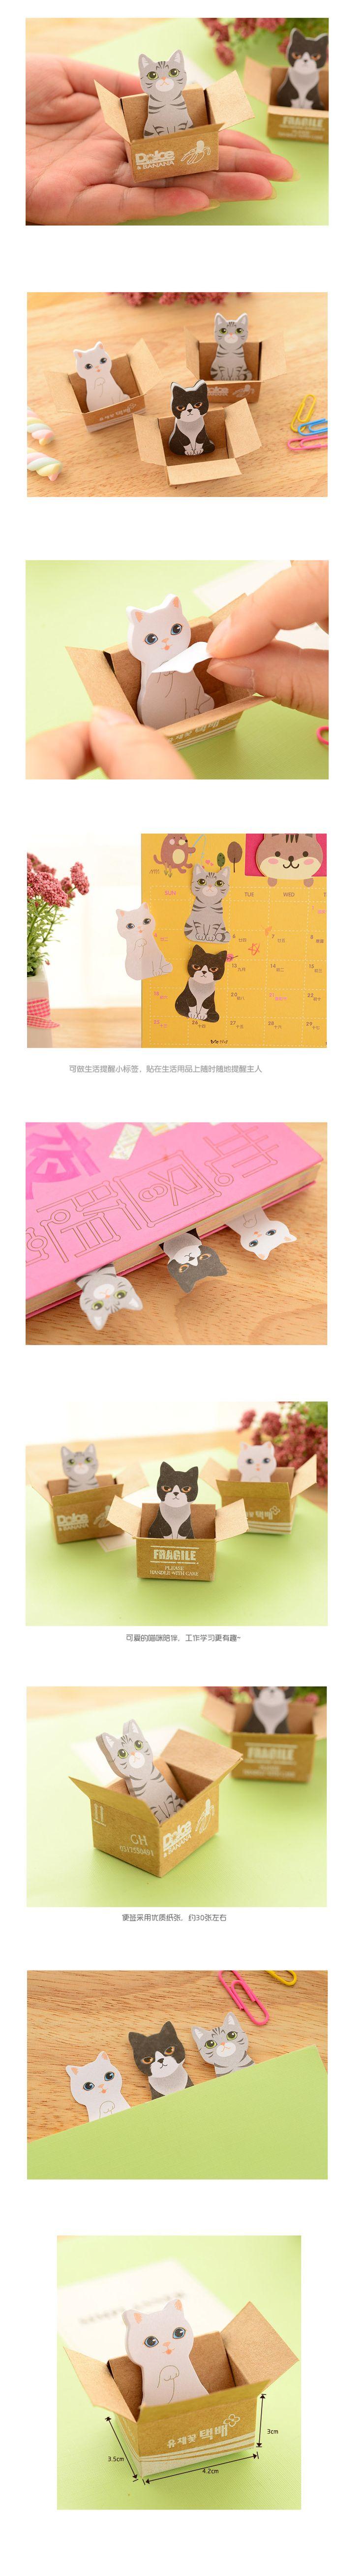 Post It Kawaii pegatinas scrapbooking planificador articulos de papelería coreano lindo notas adhesivas del diario escuela de la historieta 3d stickers oficina material escolar papel escritorio detalles boda regalos en Blocs de notas de Office & School Supplies en AliExpress.com | Alibaba Group